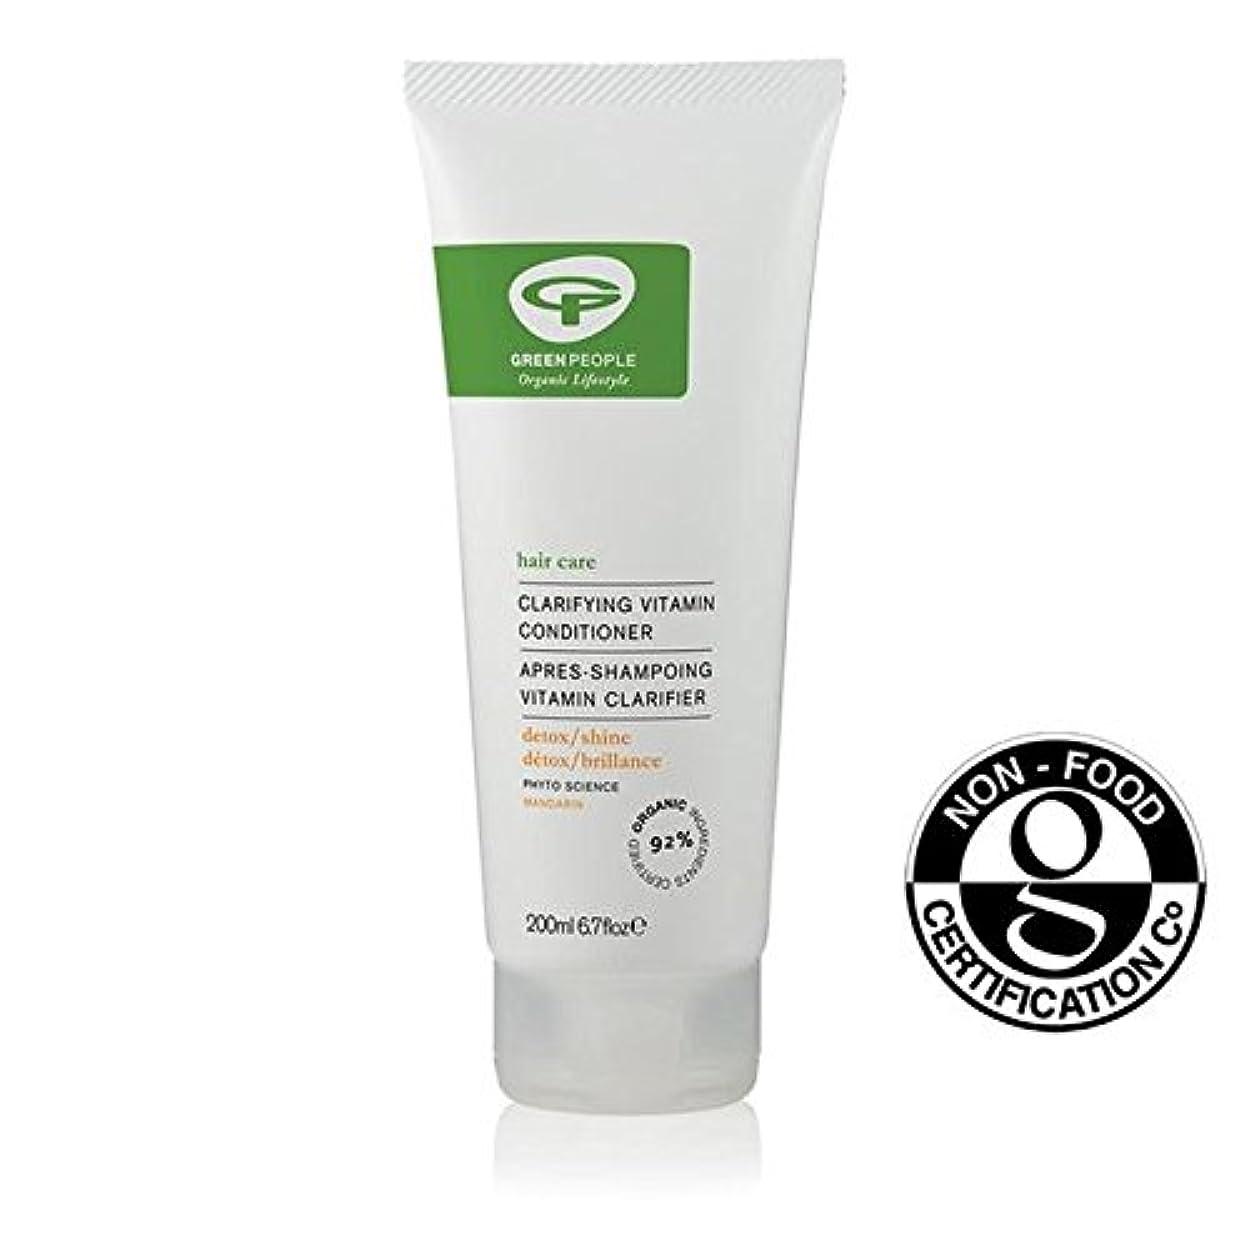 シャースタッフ拾うGreen People Organic Clarifying Vitamin Conditioner 200ml (Pack of 6) - 緑の人々の有機明確ビタミンコンディショナー200 x6 [並行輸入品]